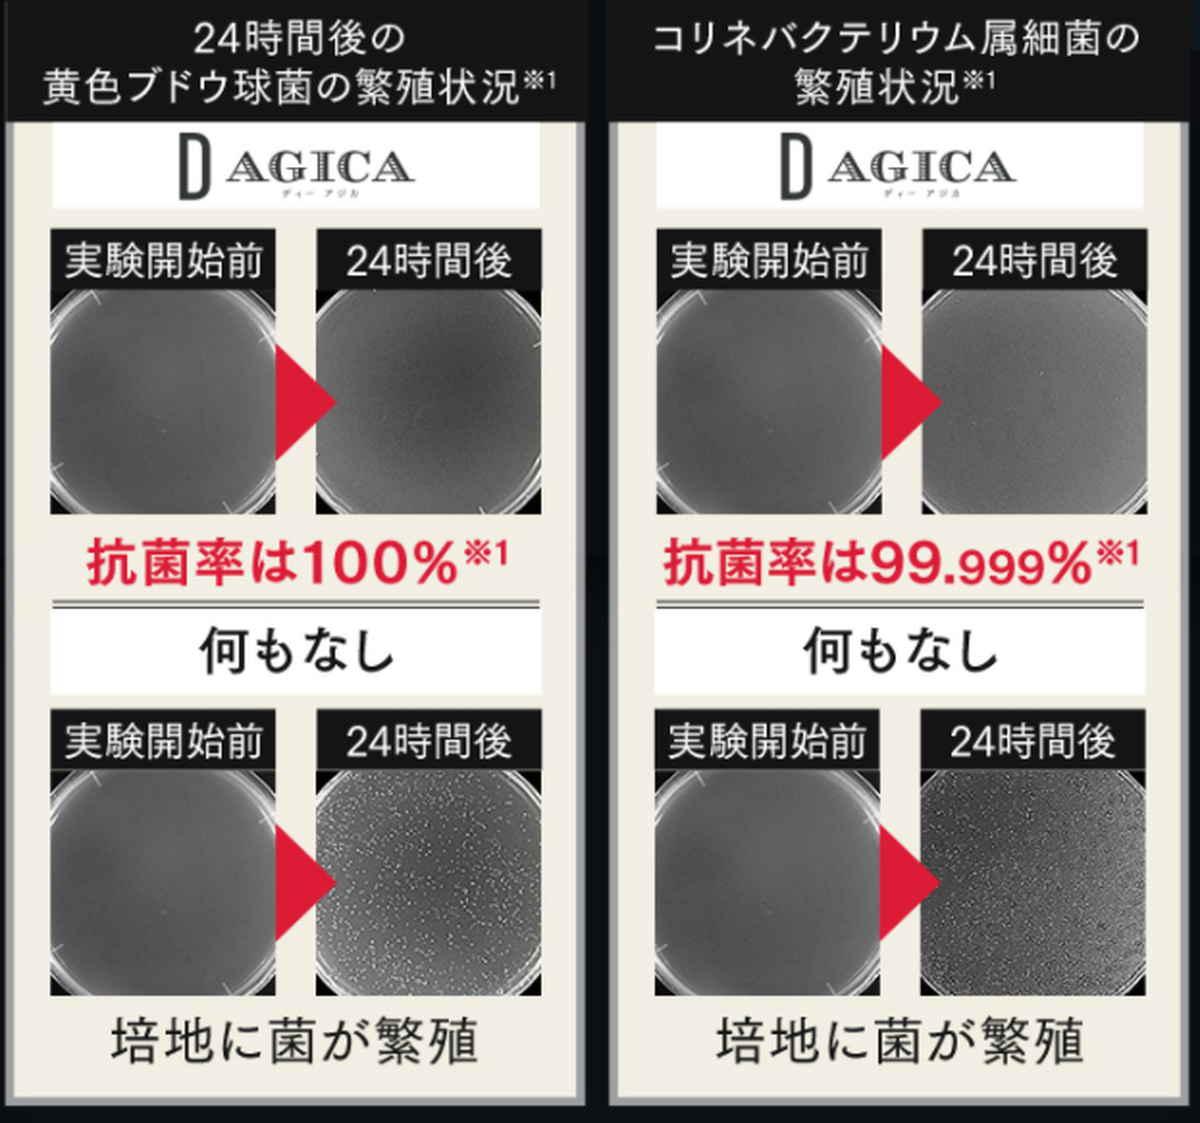 D AGICA【ディーアジカ】